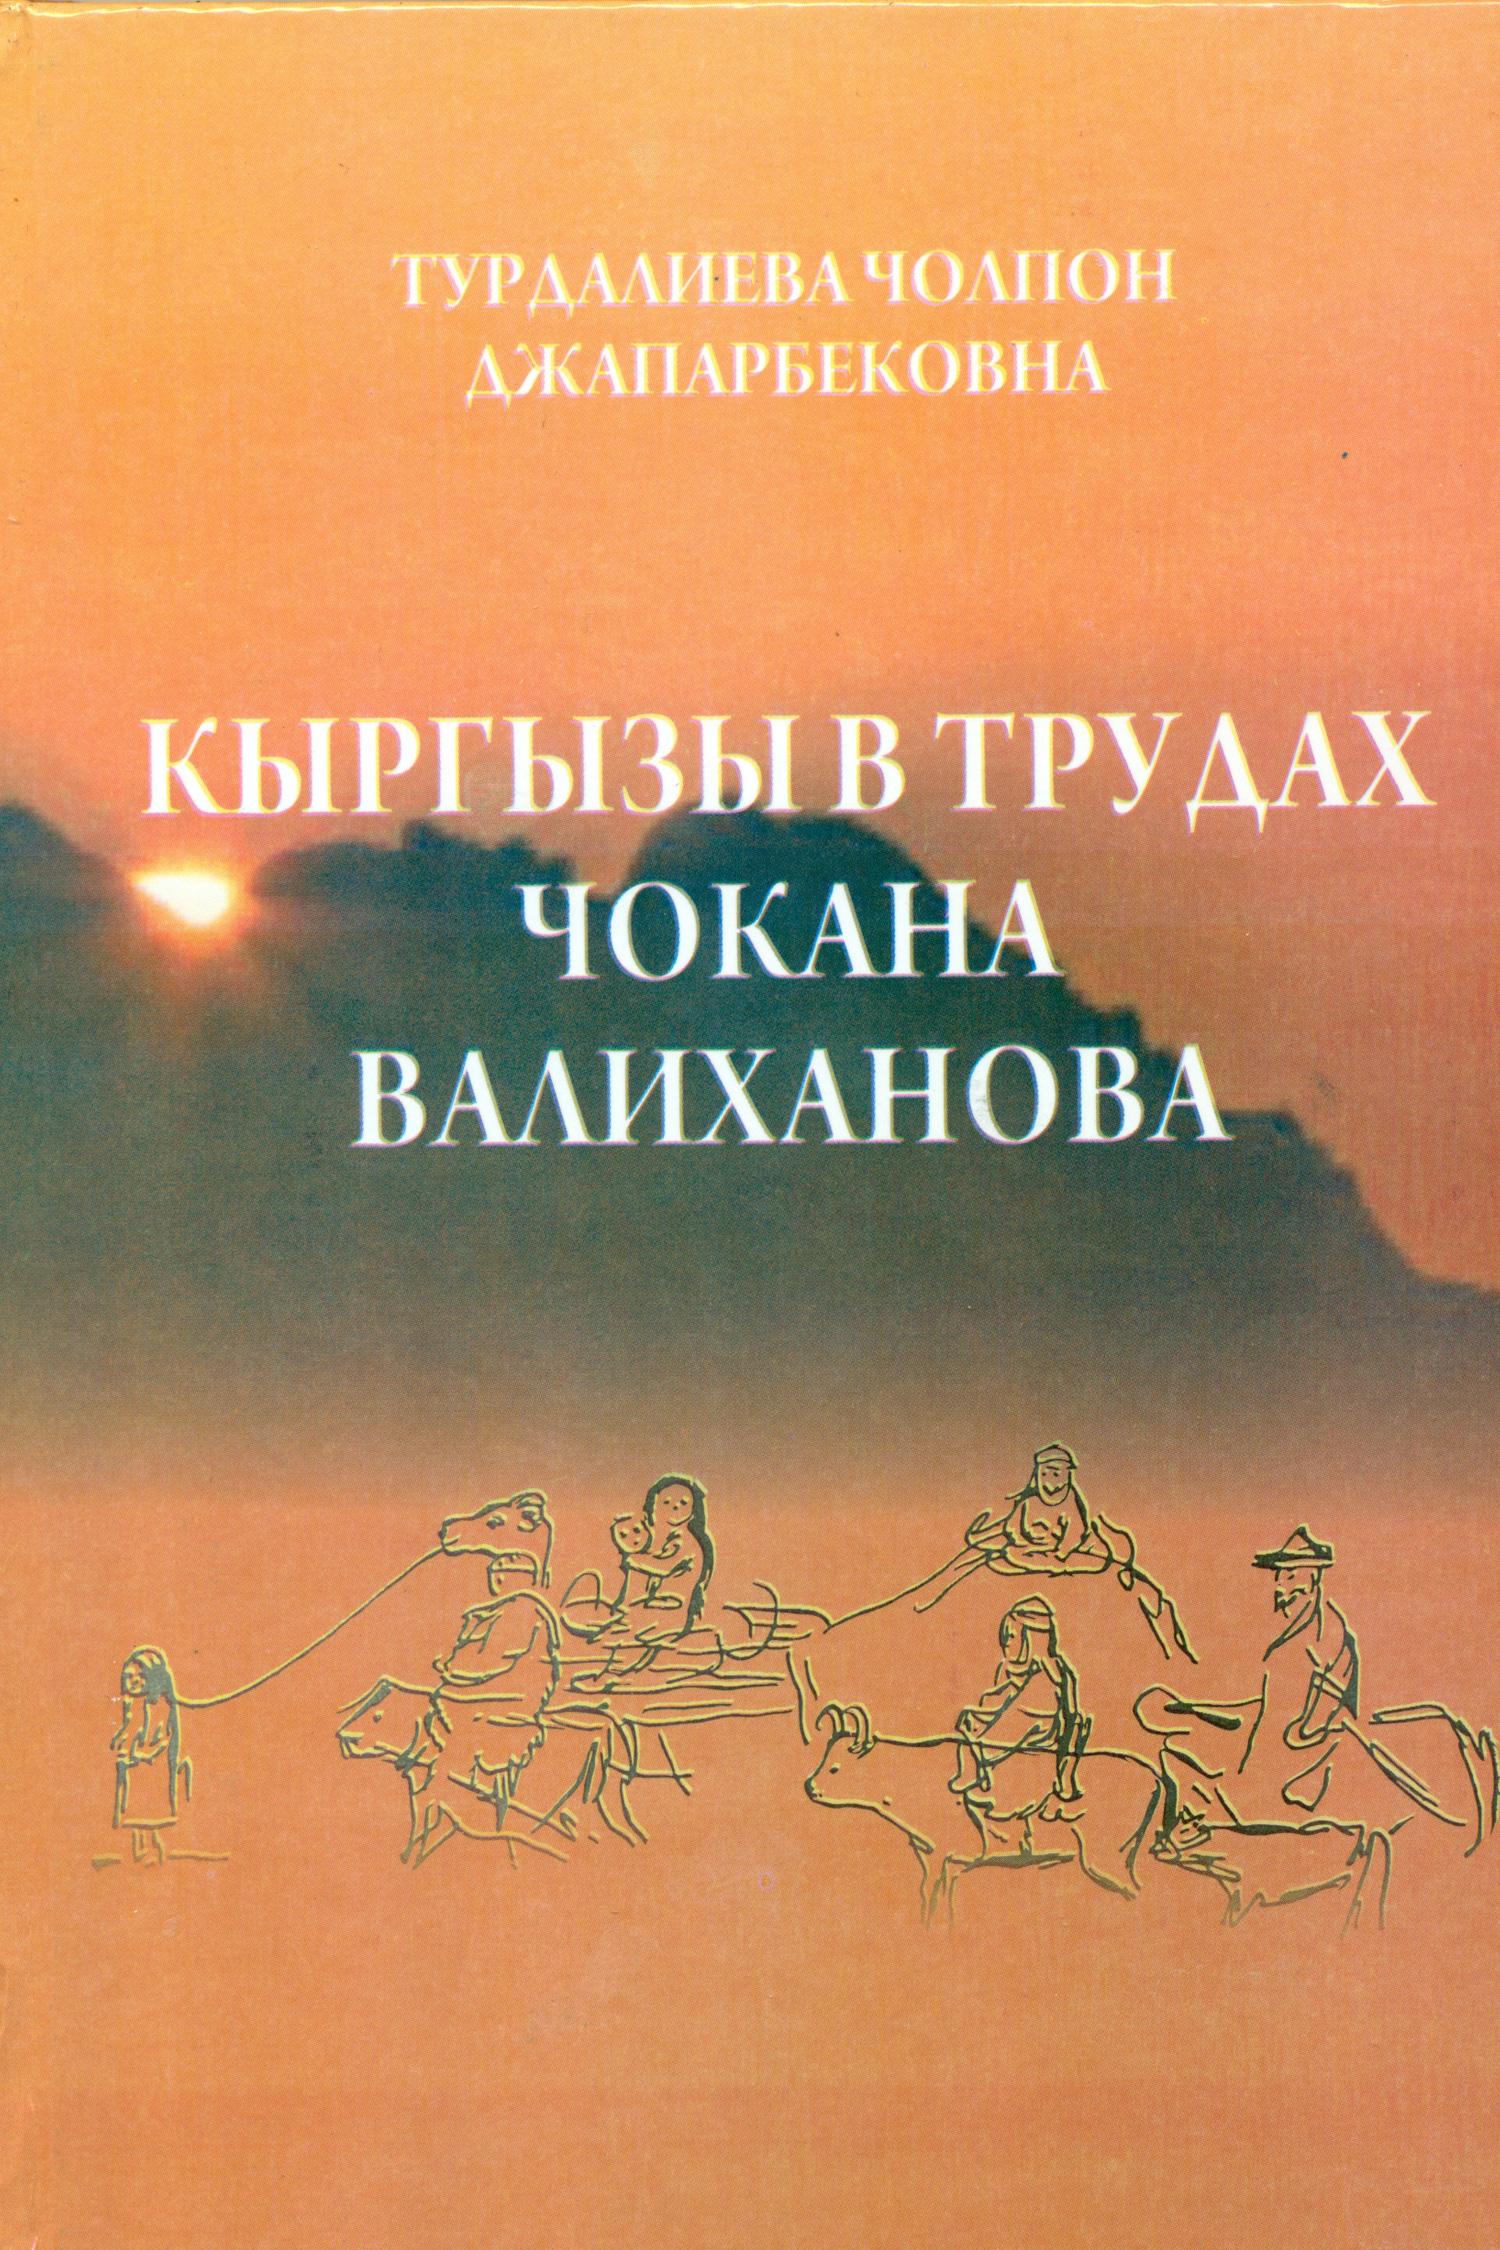 Кыргызы в трудах Чокана Валиханова